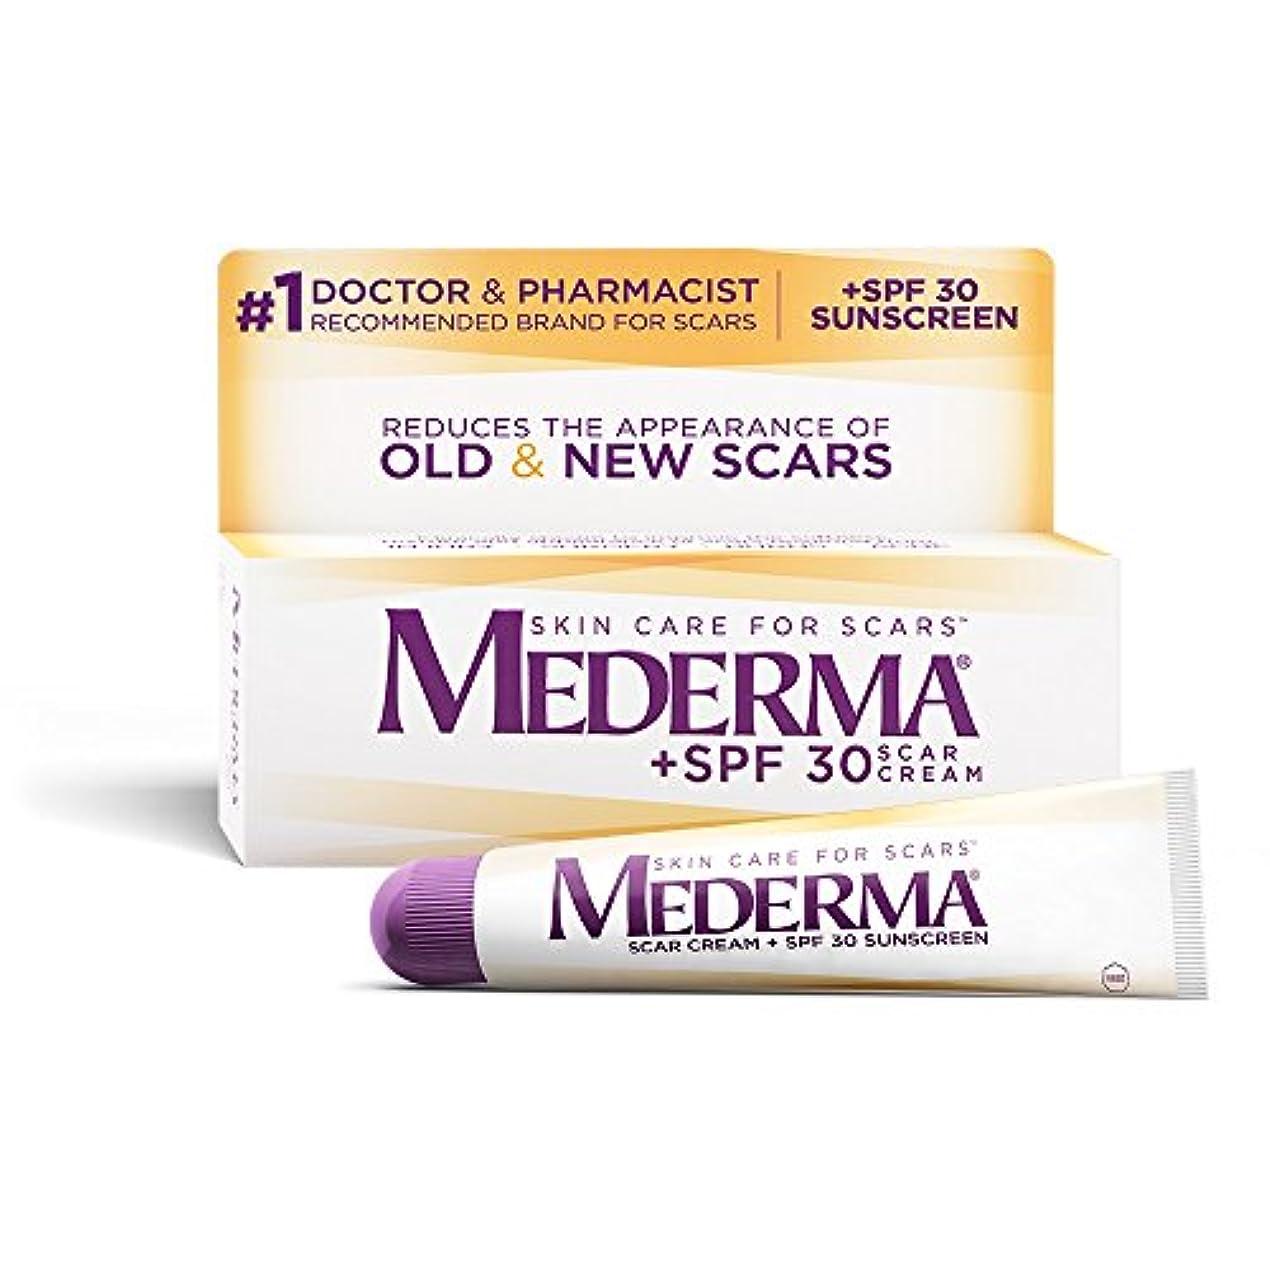 練るスイ薬理学Mederma 社 日焼け止め成分SPF30配合 メドロマ(メデルマ) 1本 20g Mederma Scar Cream Plus SPF 30